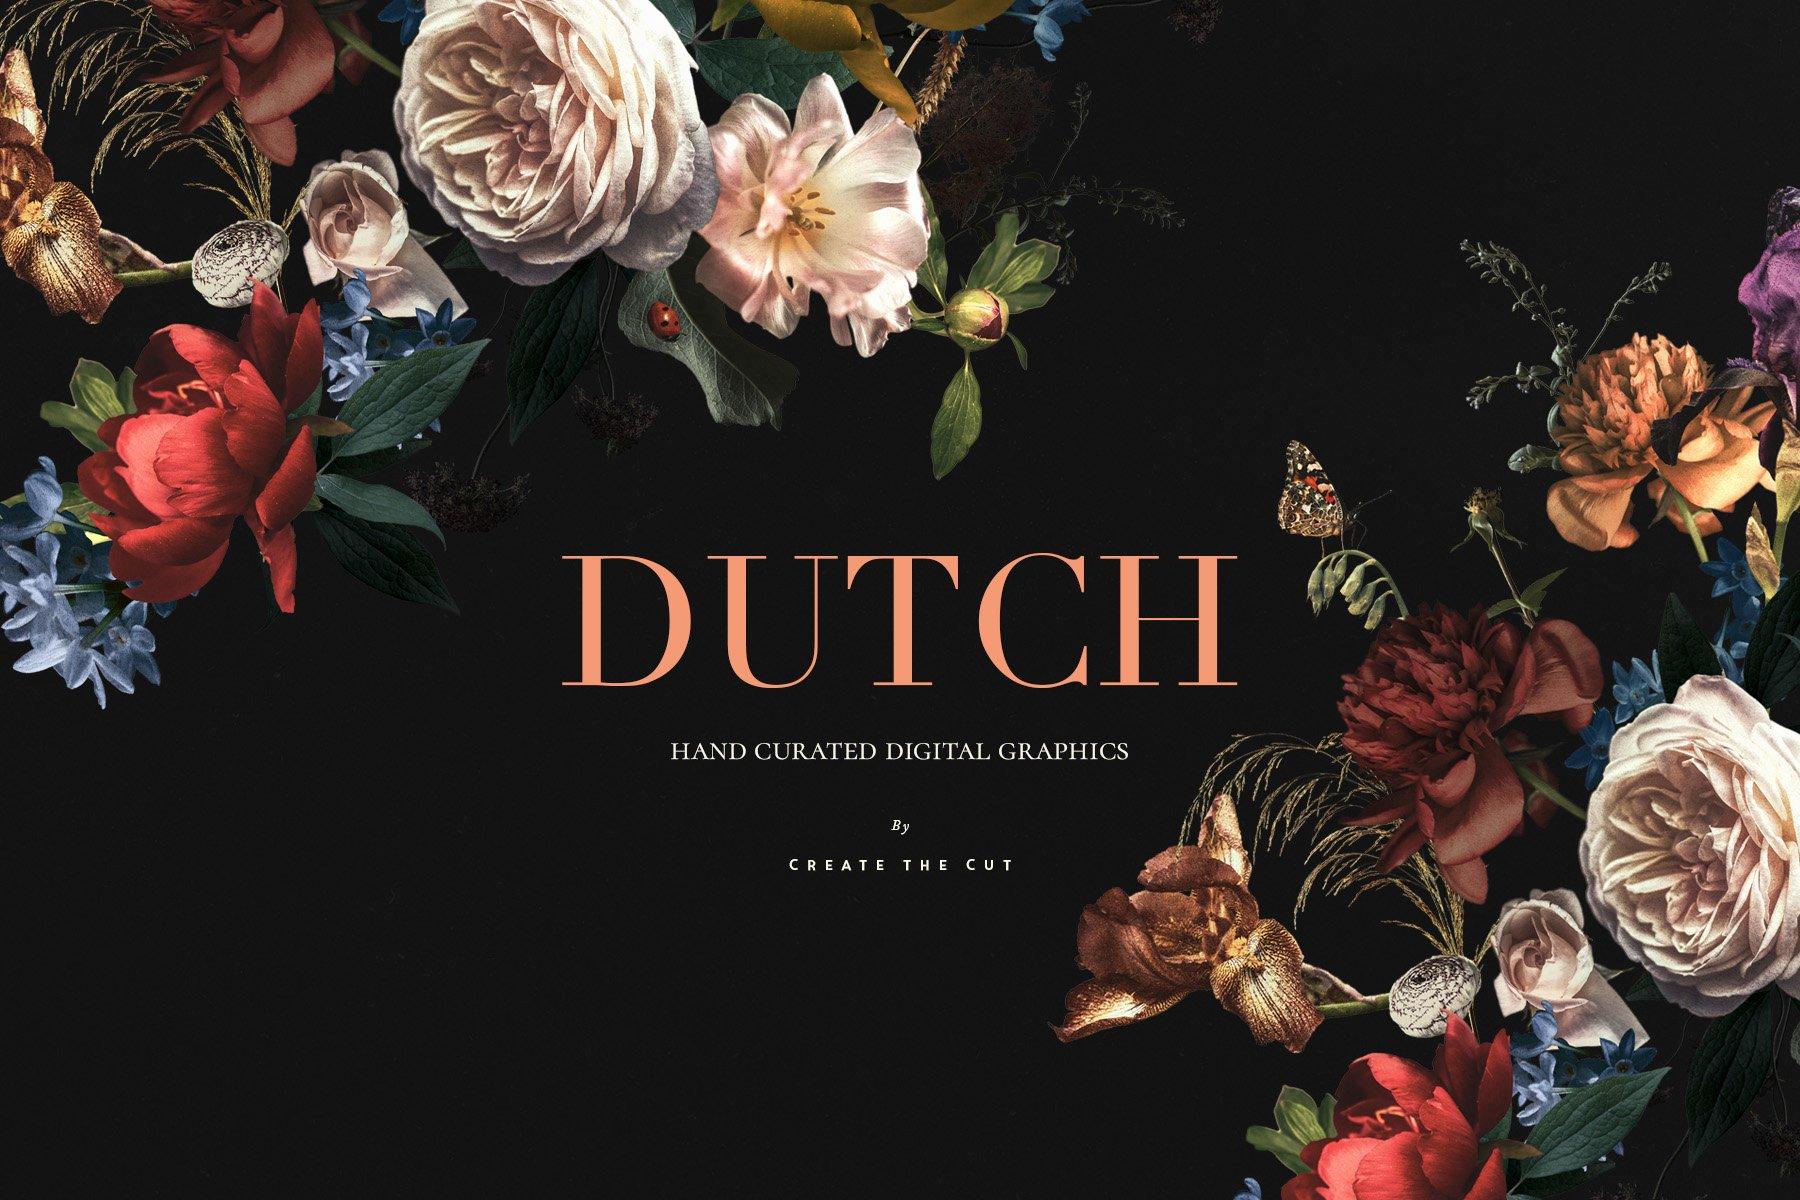 奢华复古宫廷花卉植物海报视觉设计PNG图片素材 Vintage Floral Clip Art – Dutch插图(3)